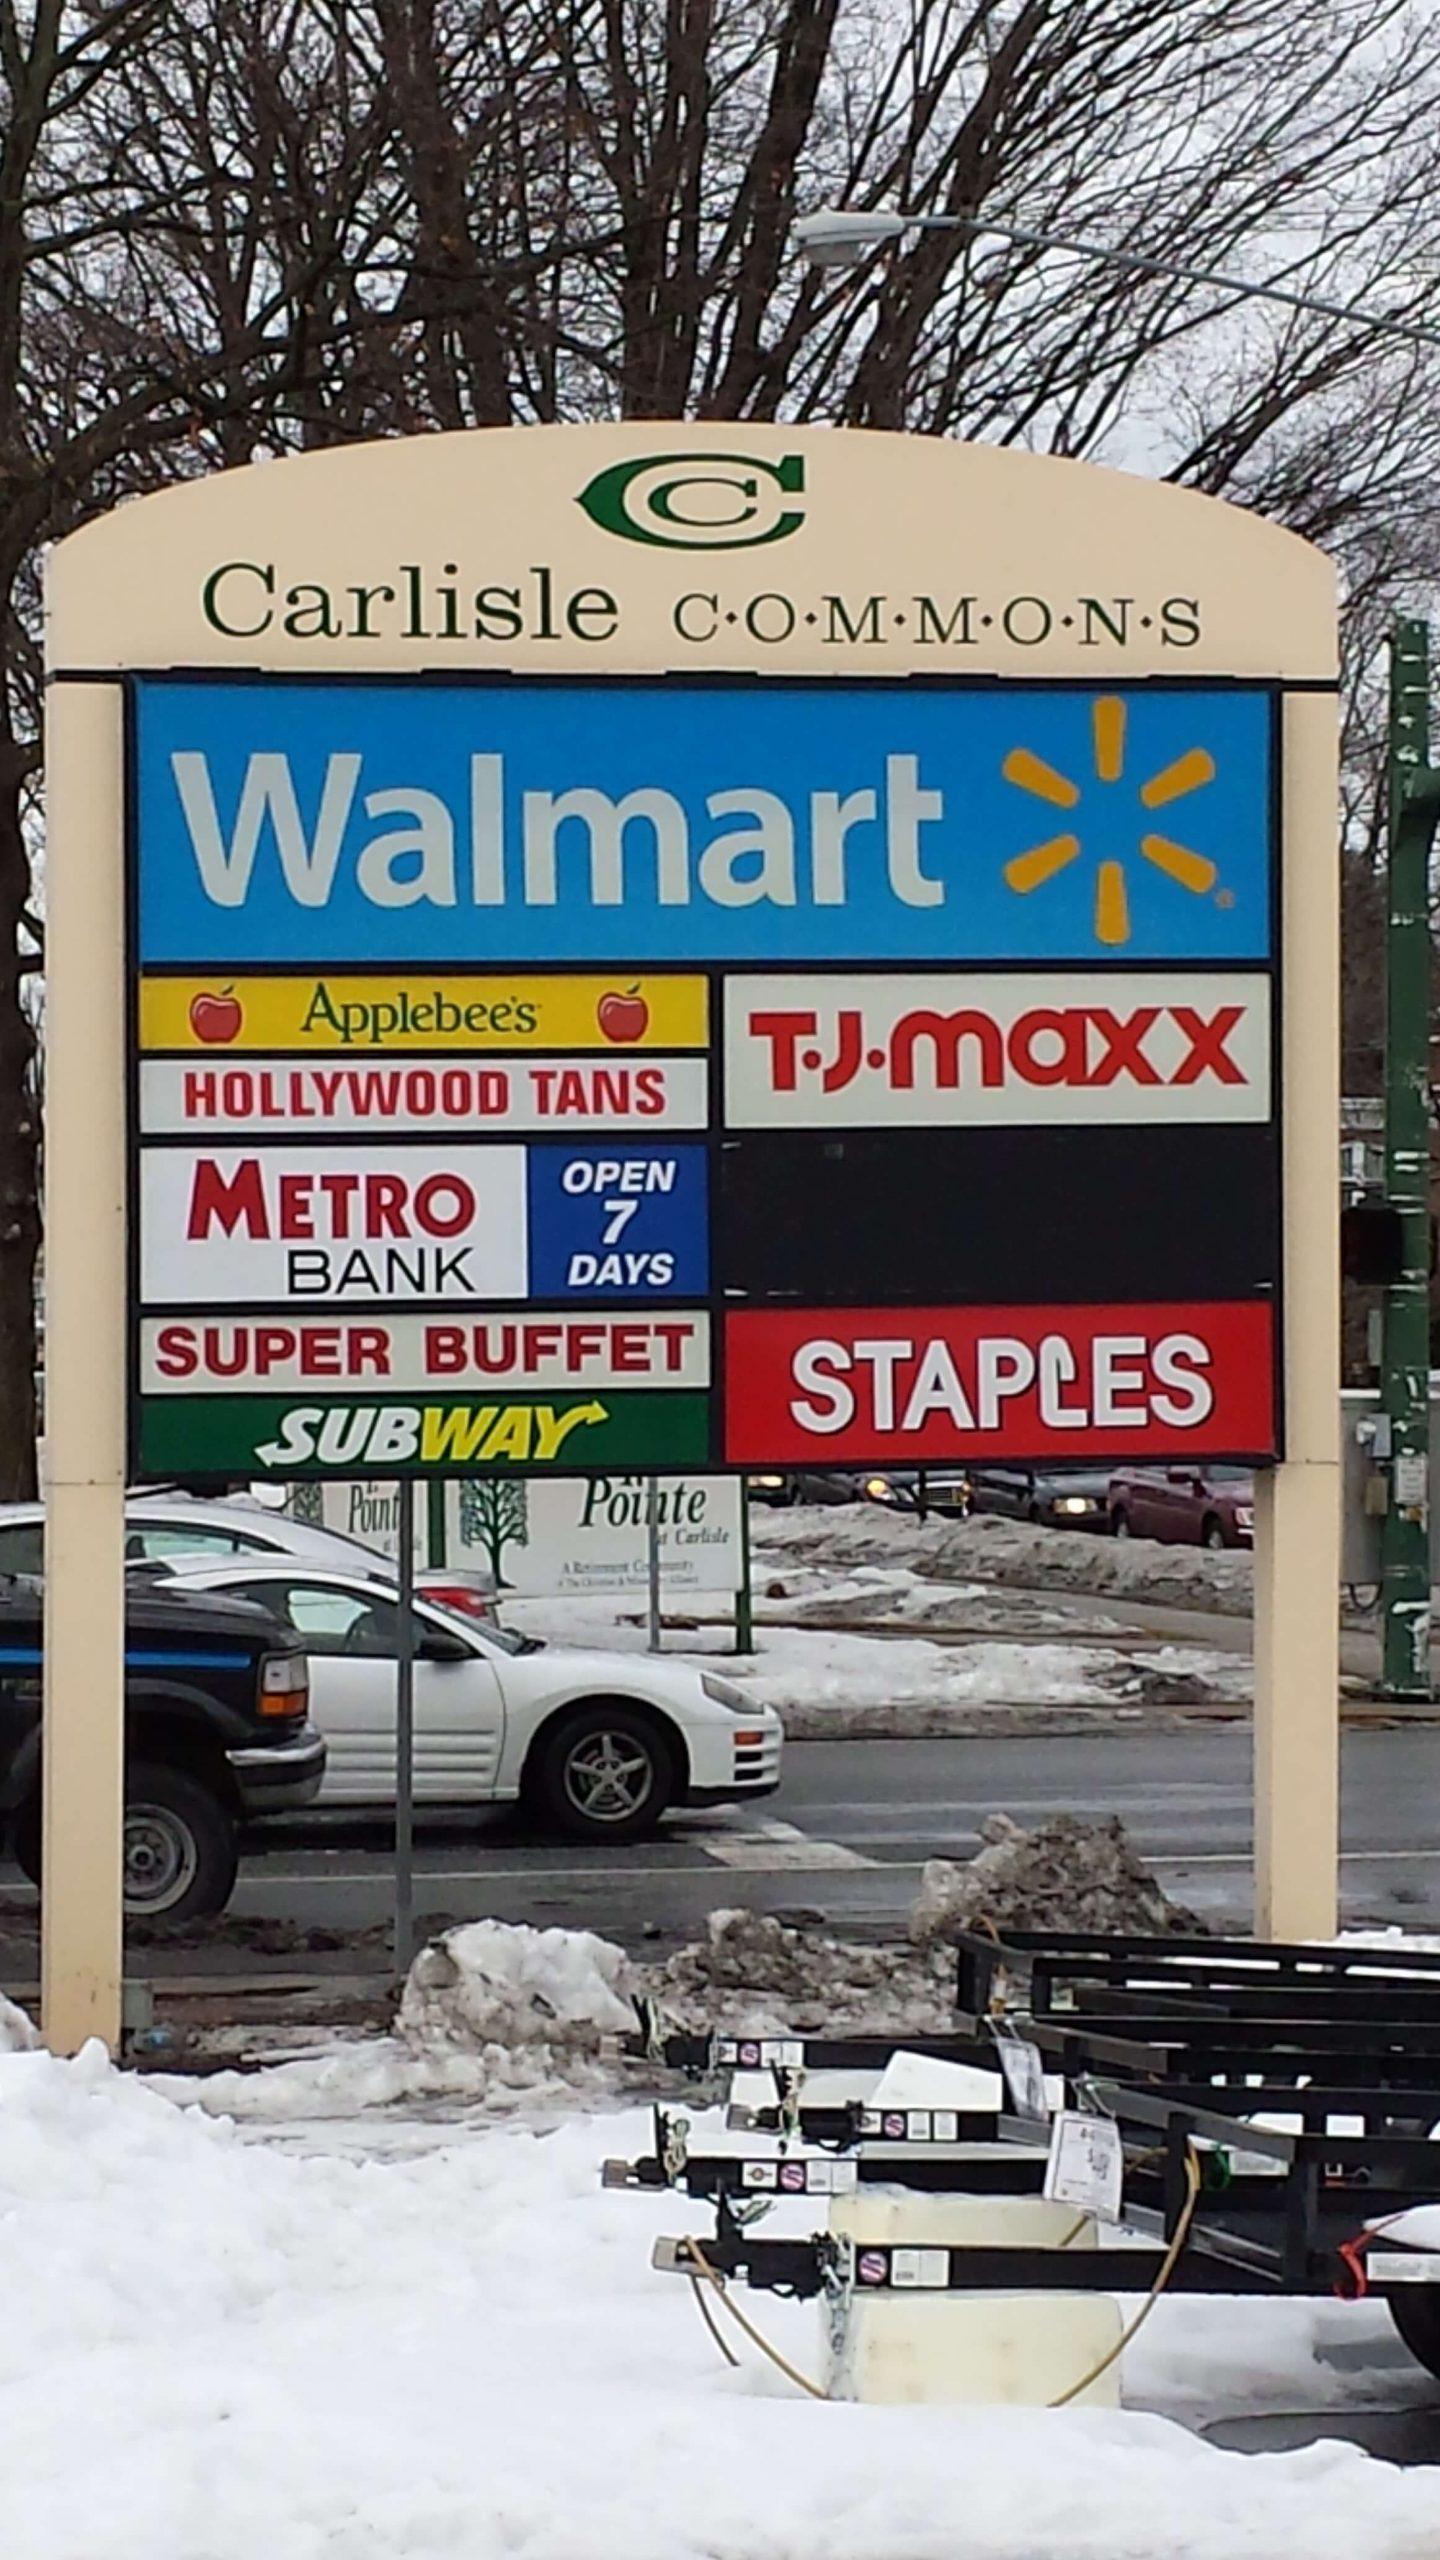 Carlisle Pylon Sign at Main Entrance